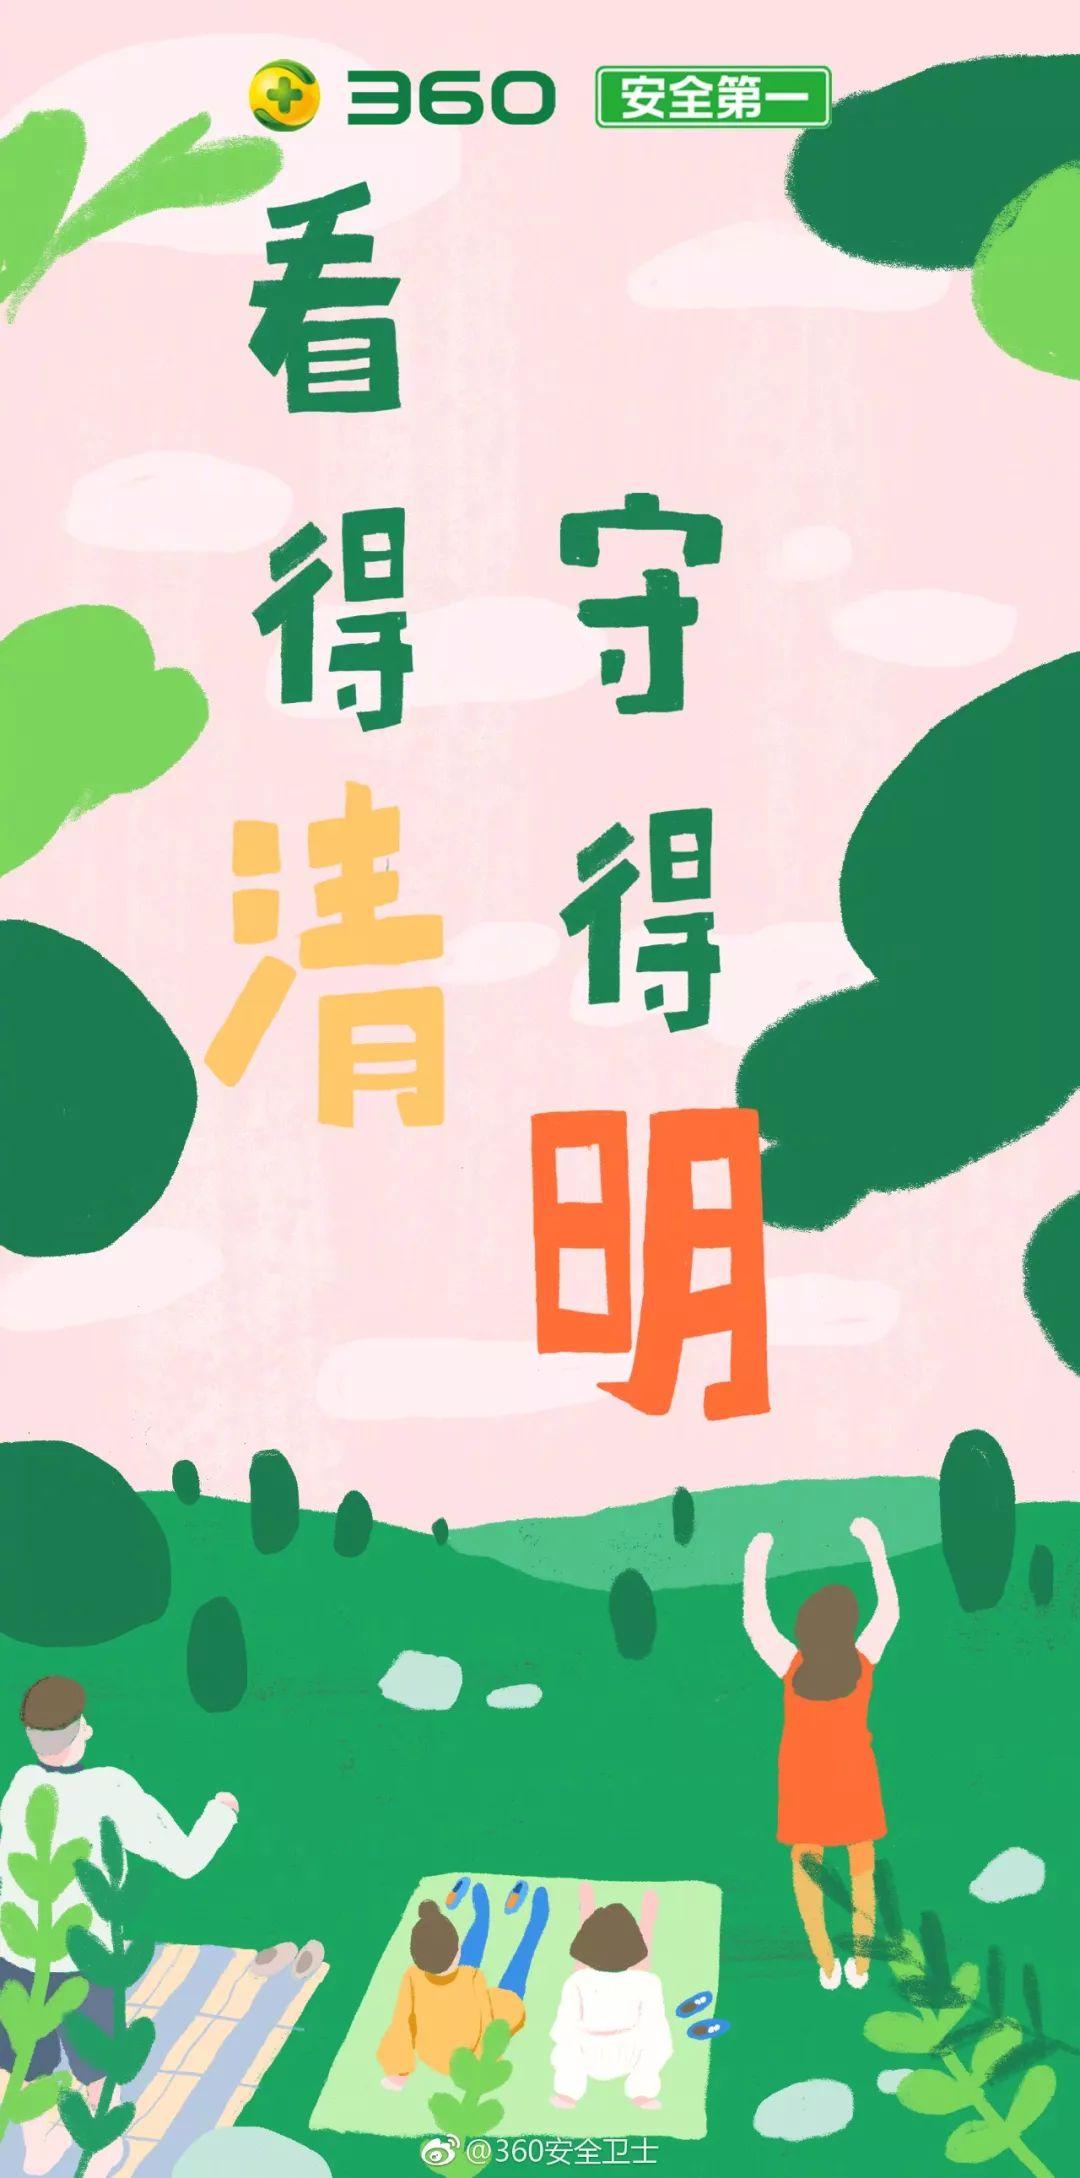 清明节海报文案: 低头追思故人,抬头迈向春天!插图48